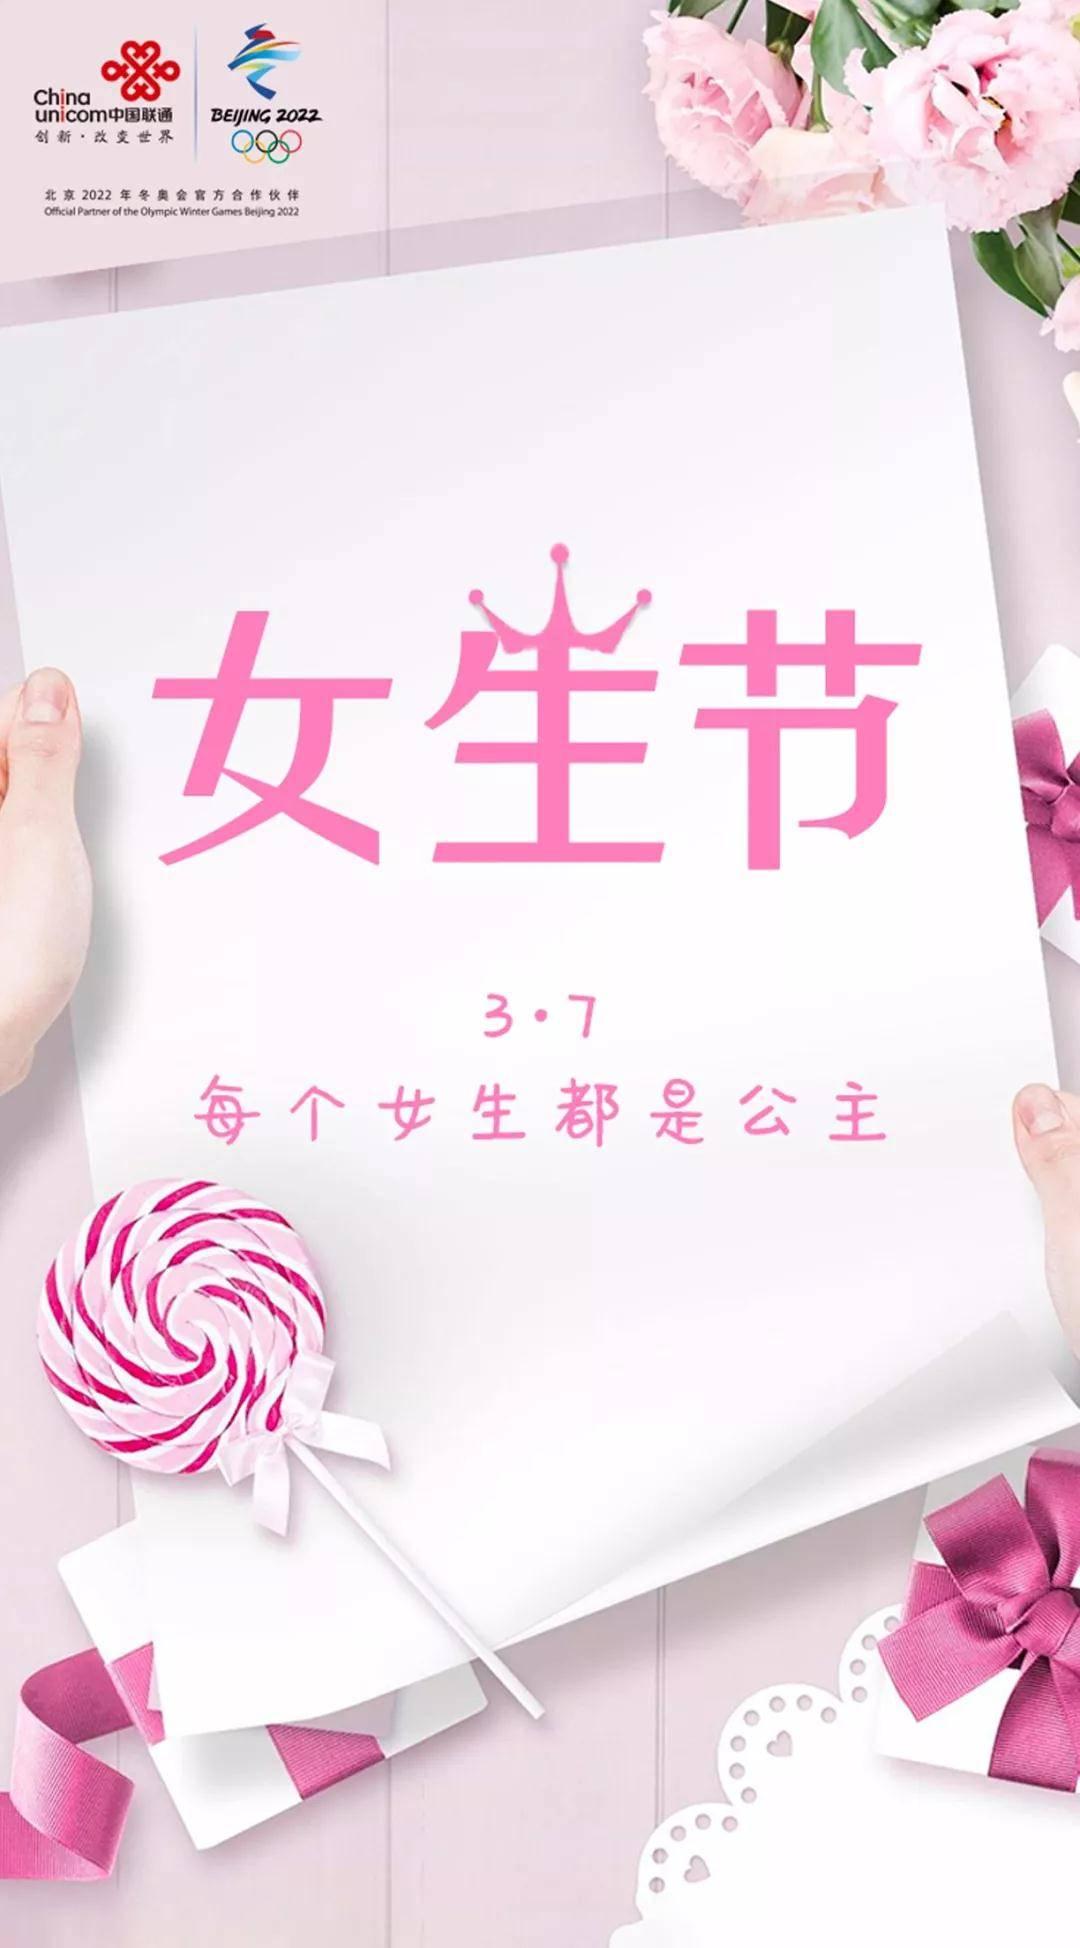 上海联通手机号